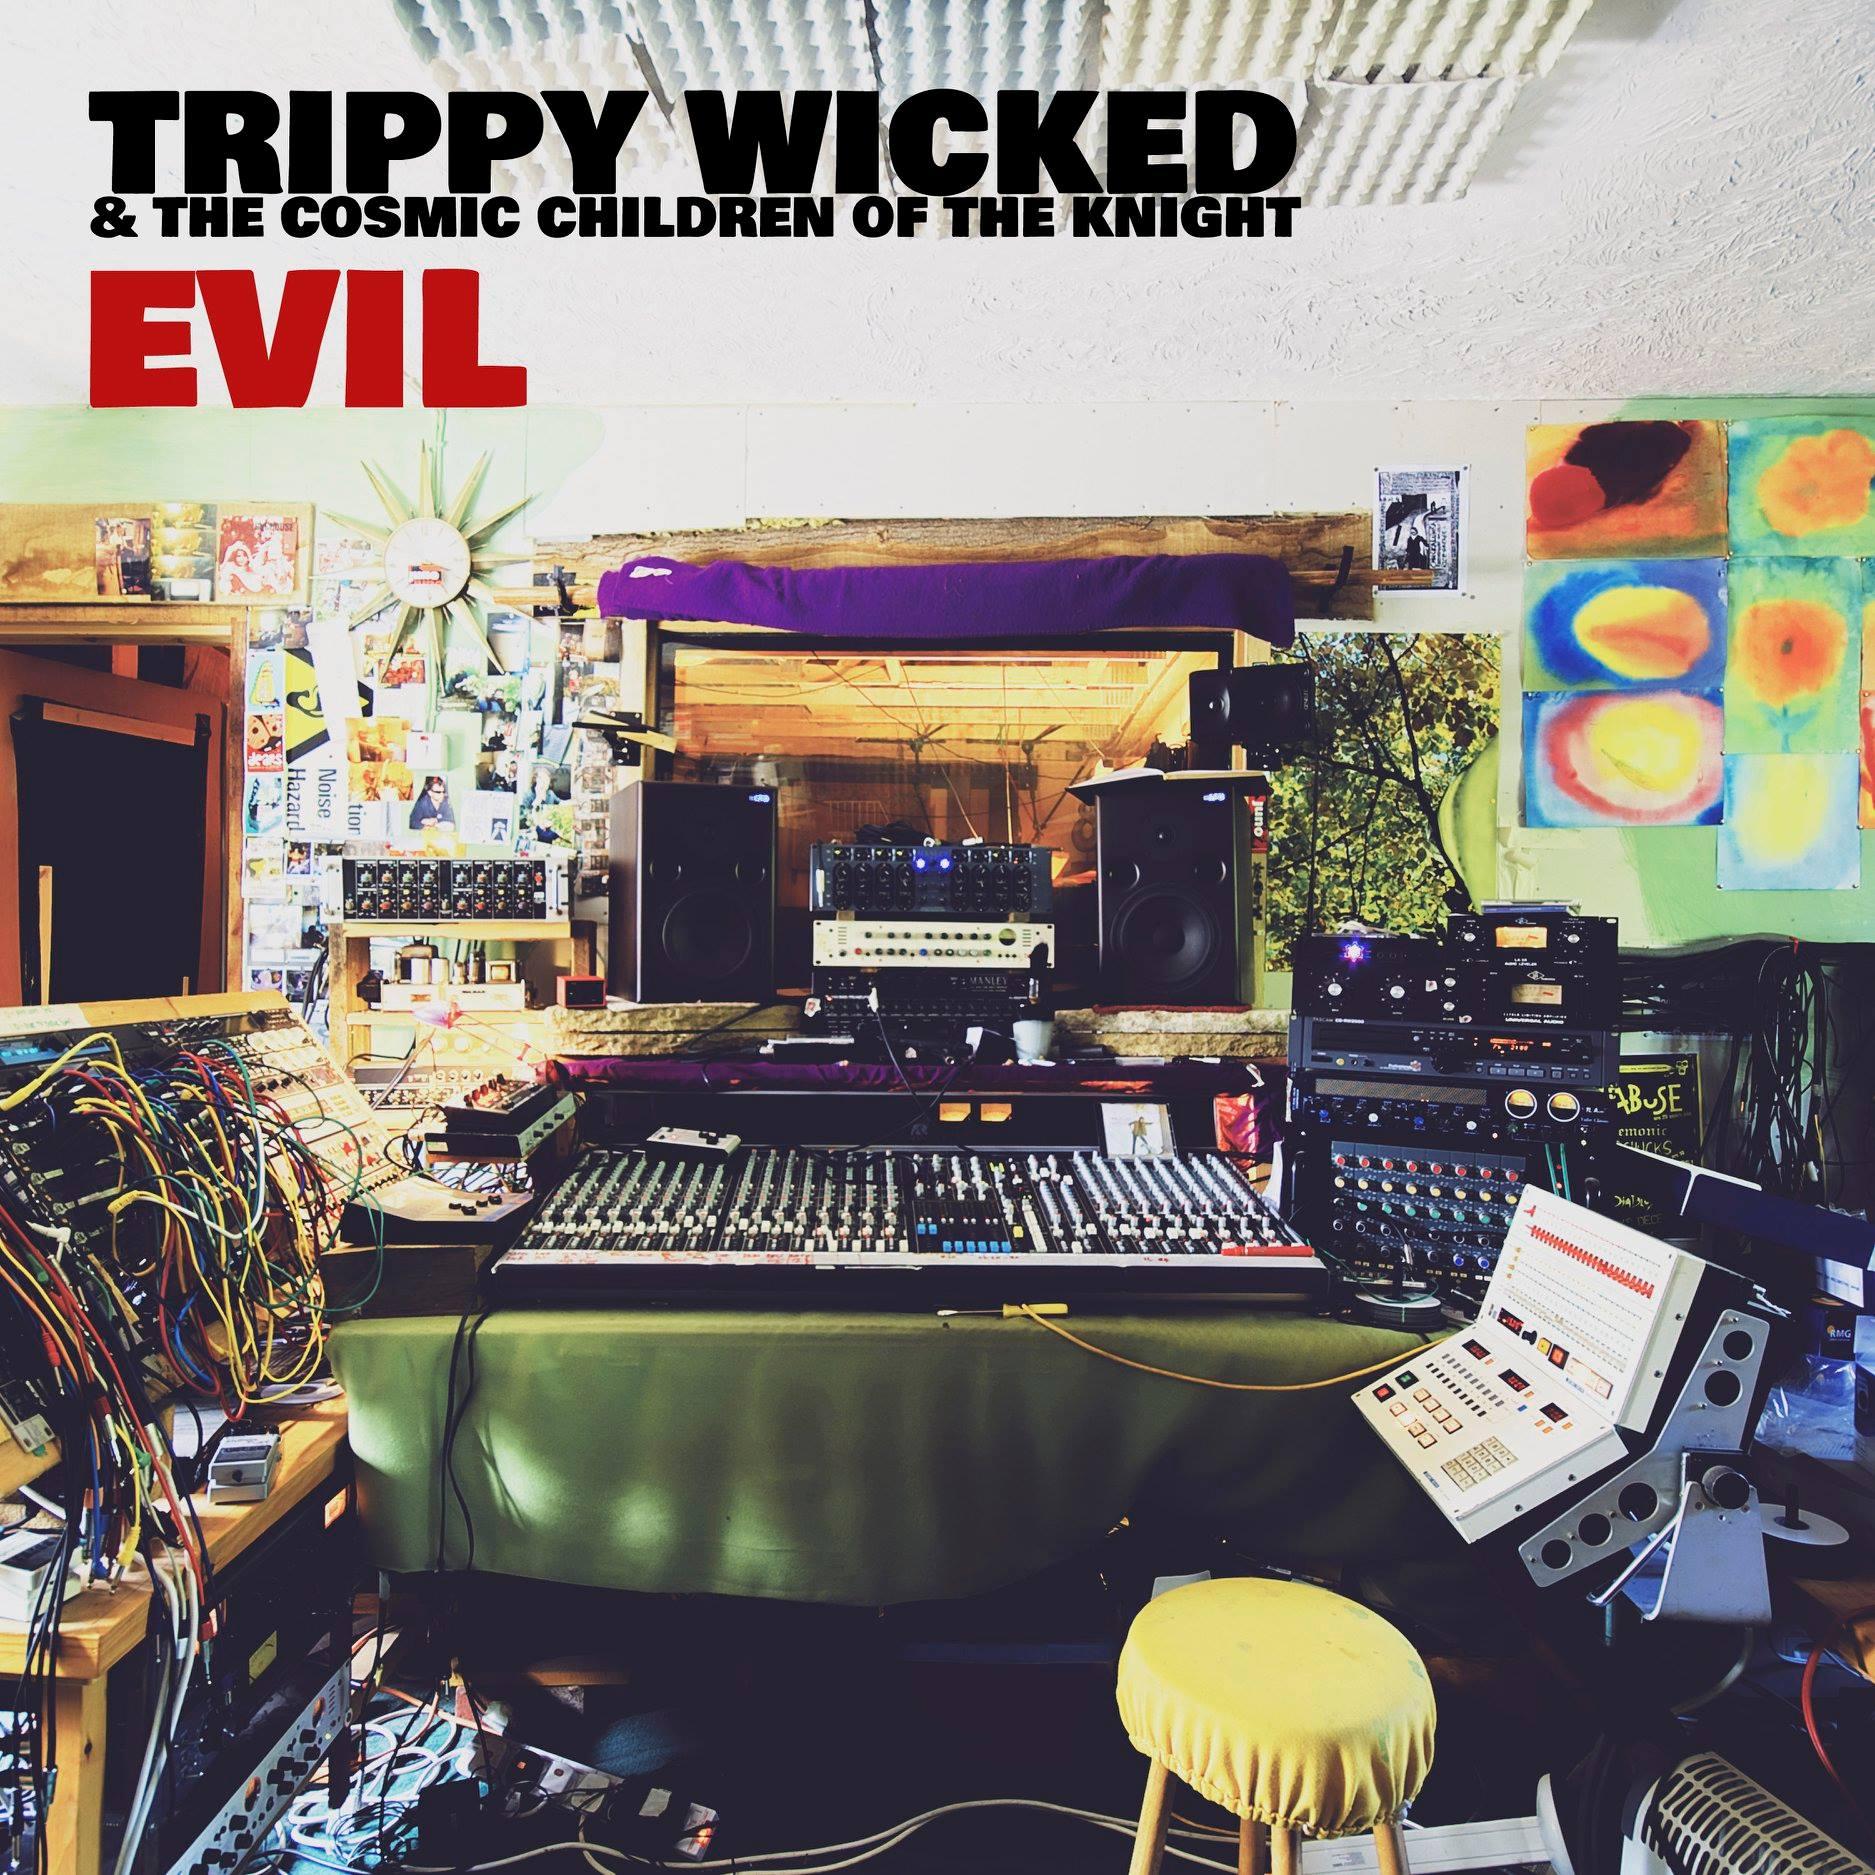 trippy wicked evil